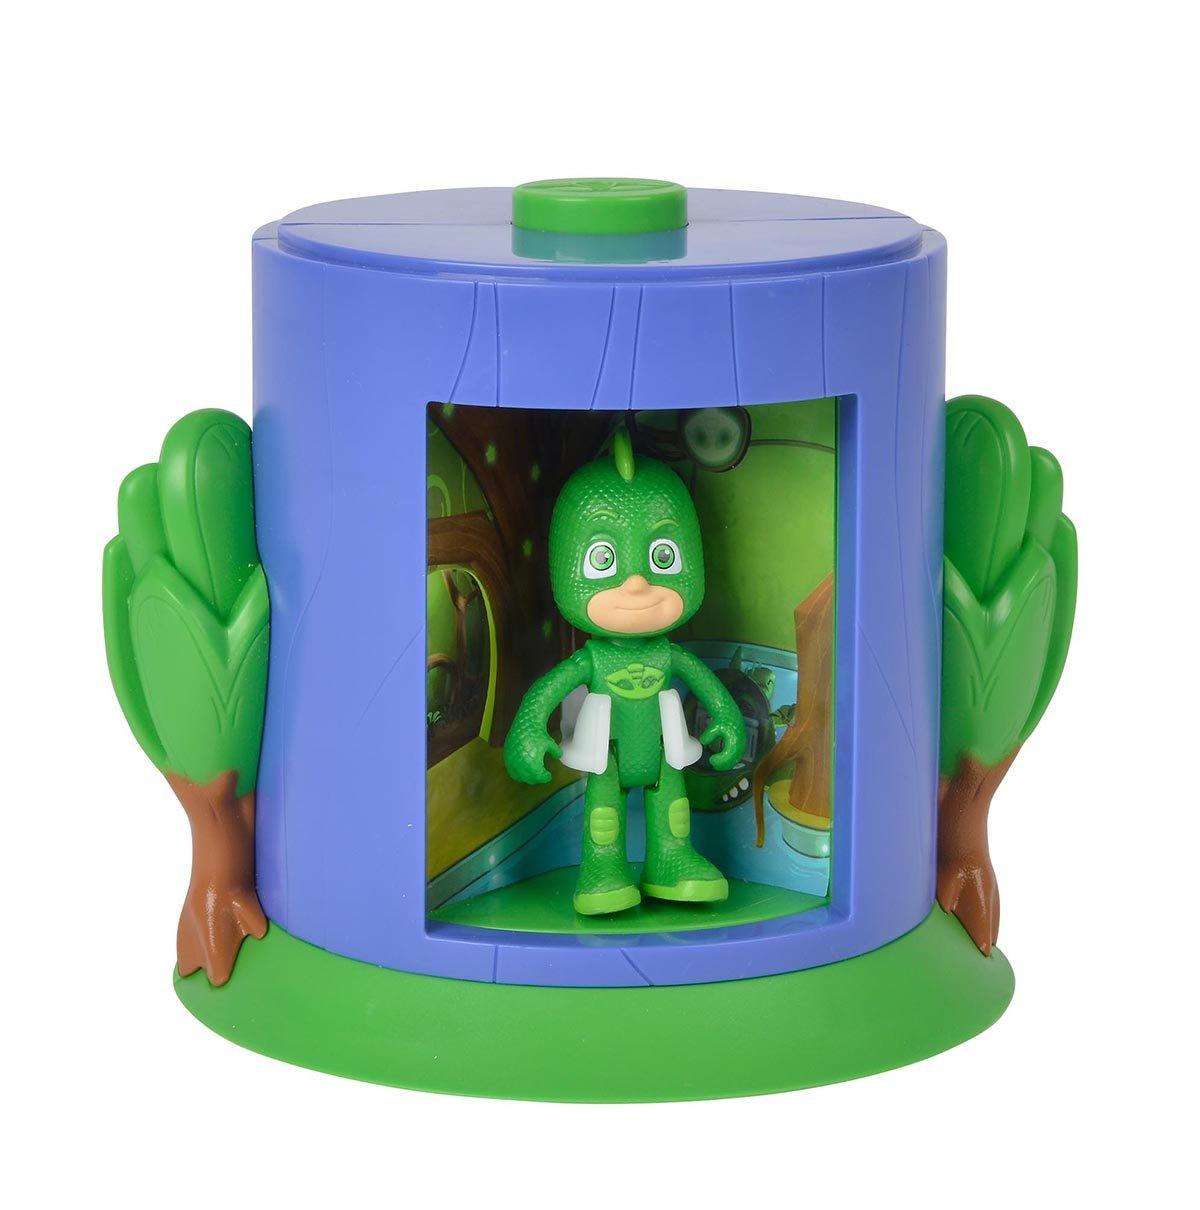 SIMBA 109402155 - PJ Máscaras Metamorfosis Greg/Gecko: Amazon.es: Juguetes y juegos